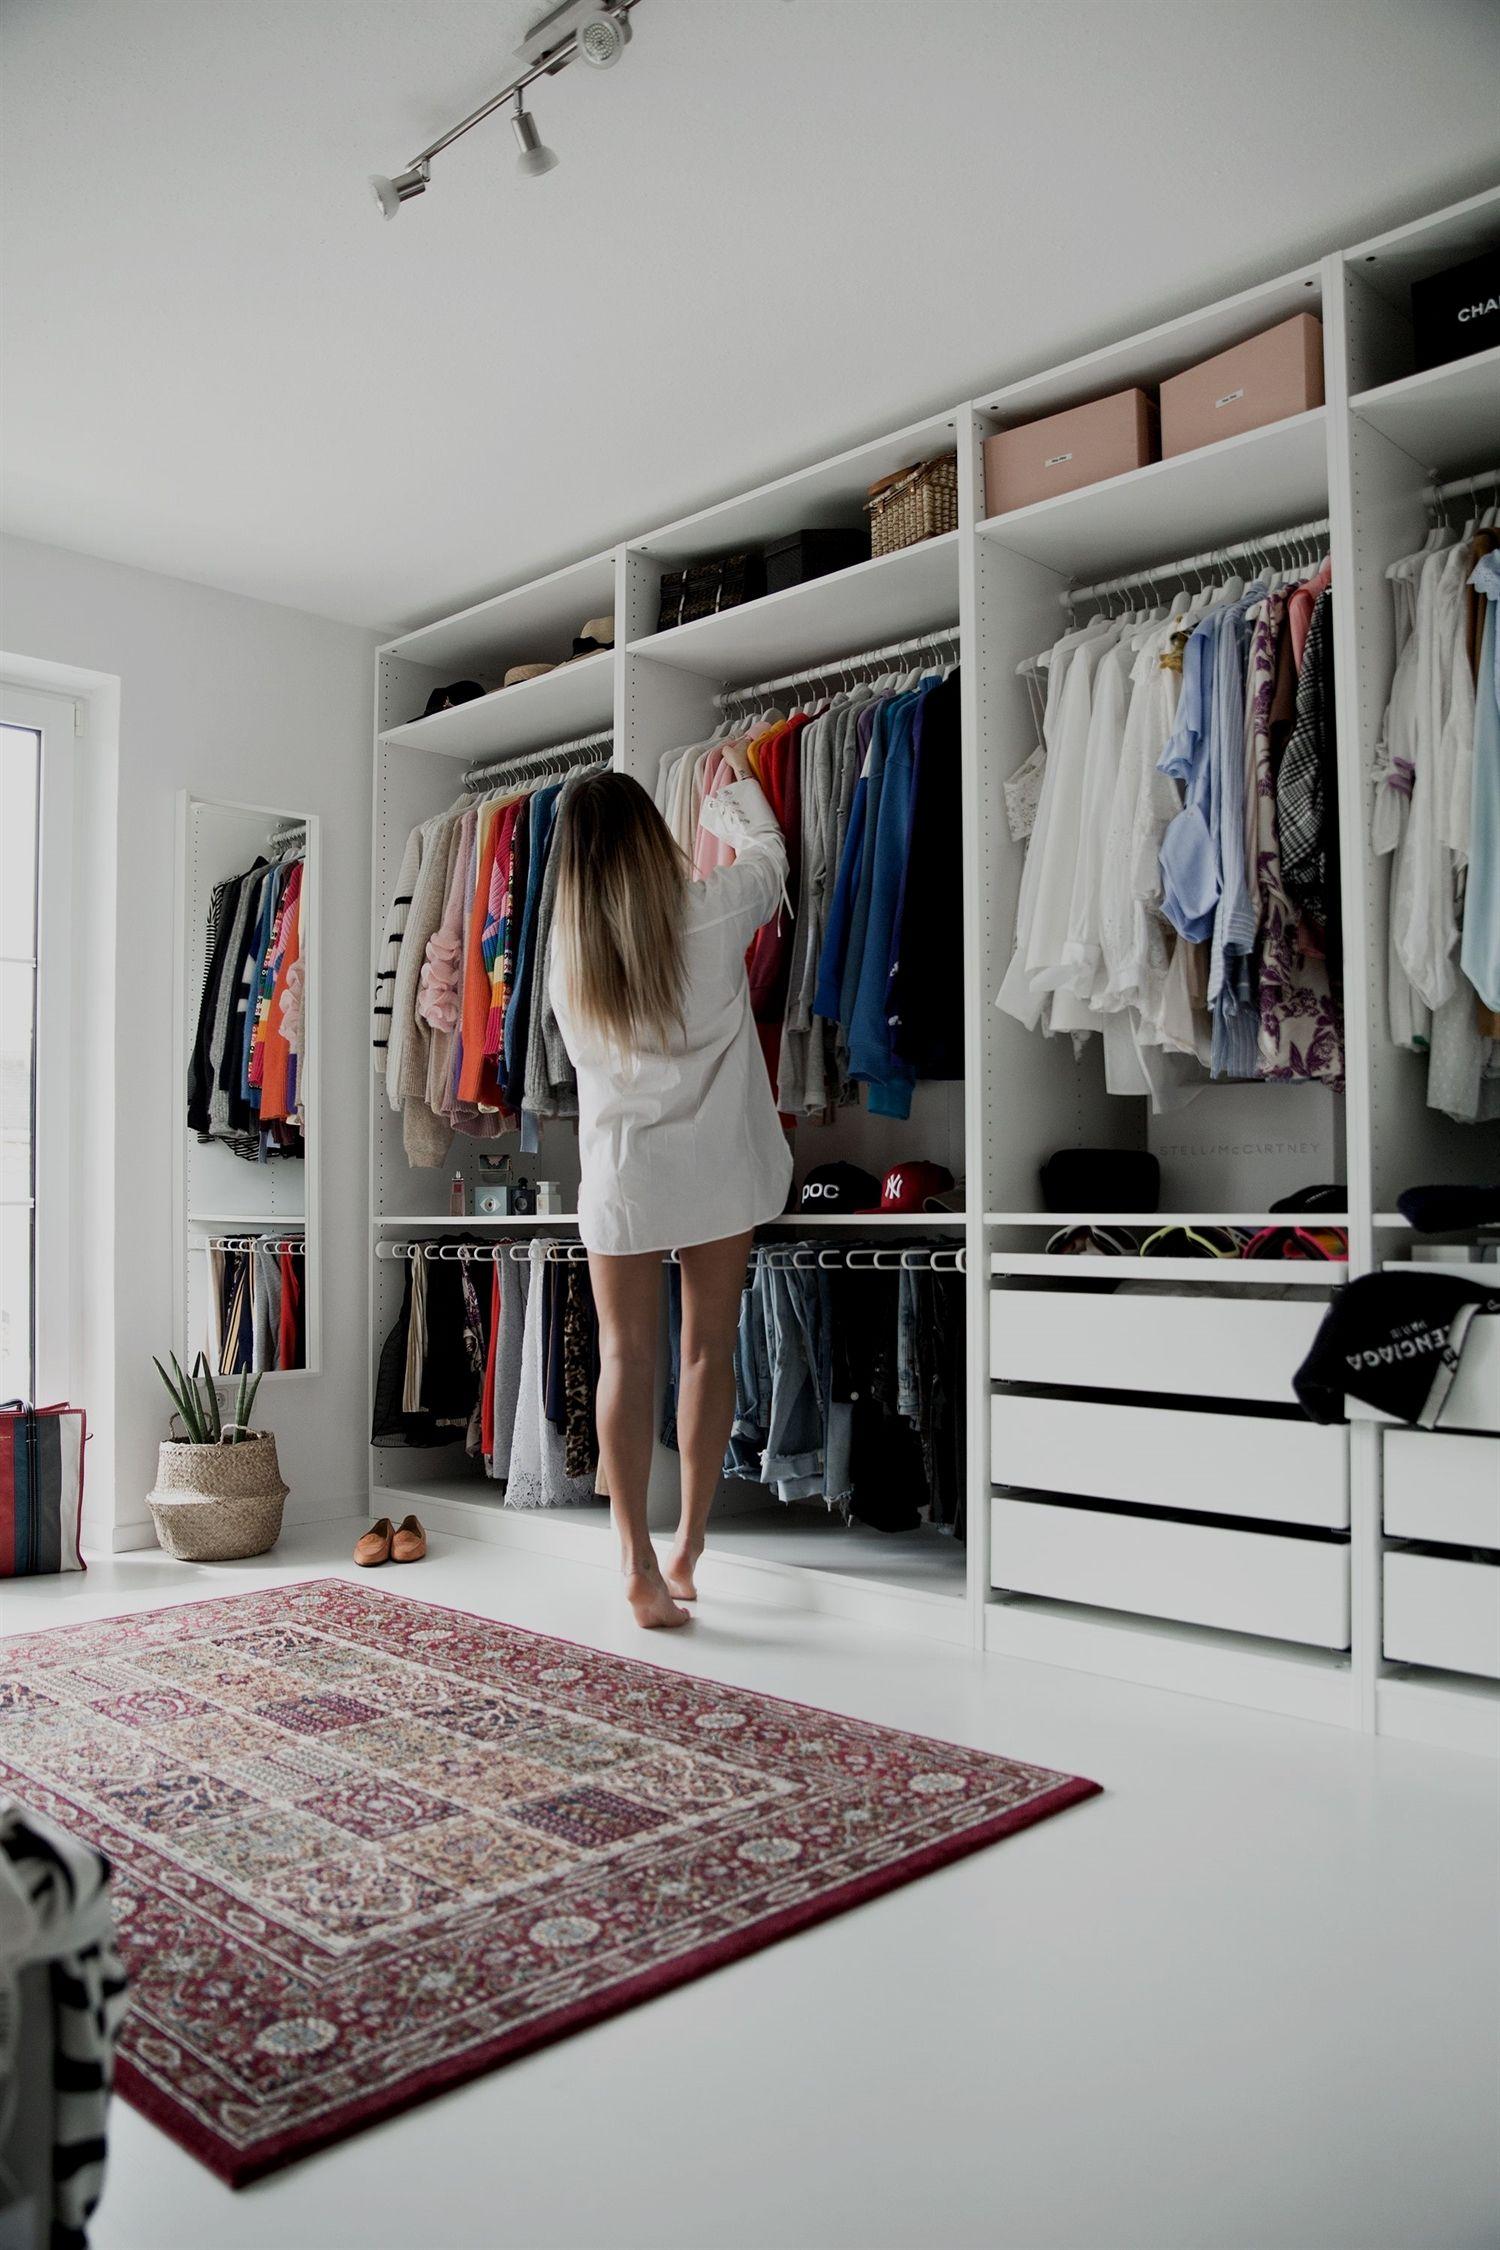 meine Ankleide offener Ikea Pax Kleiderschrank. weiße